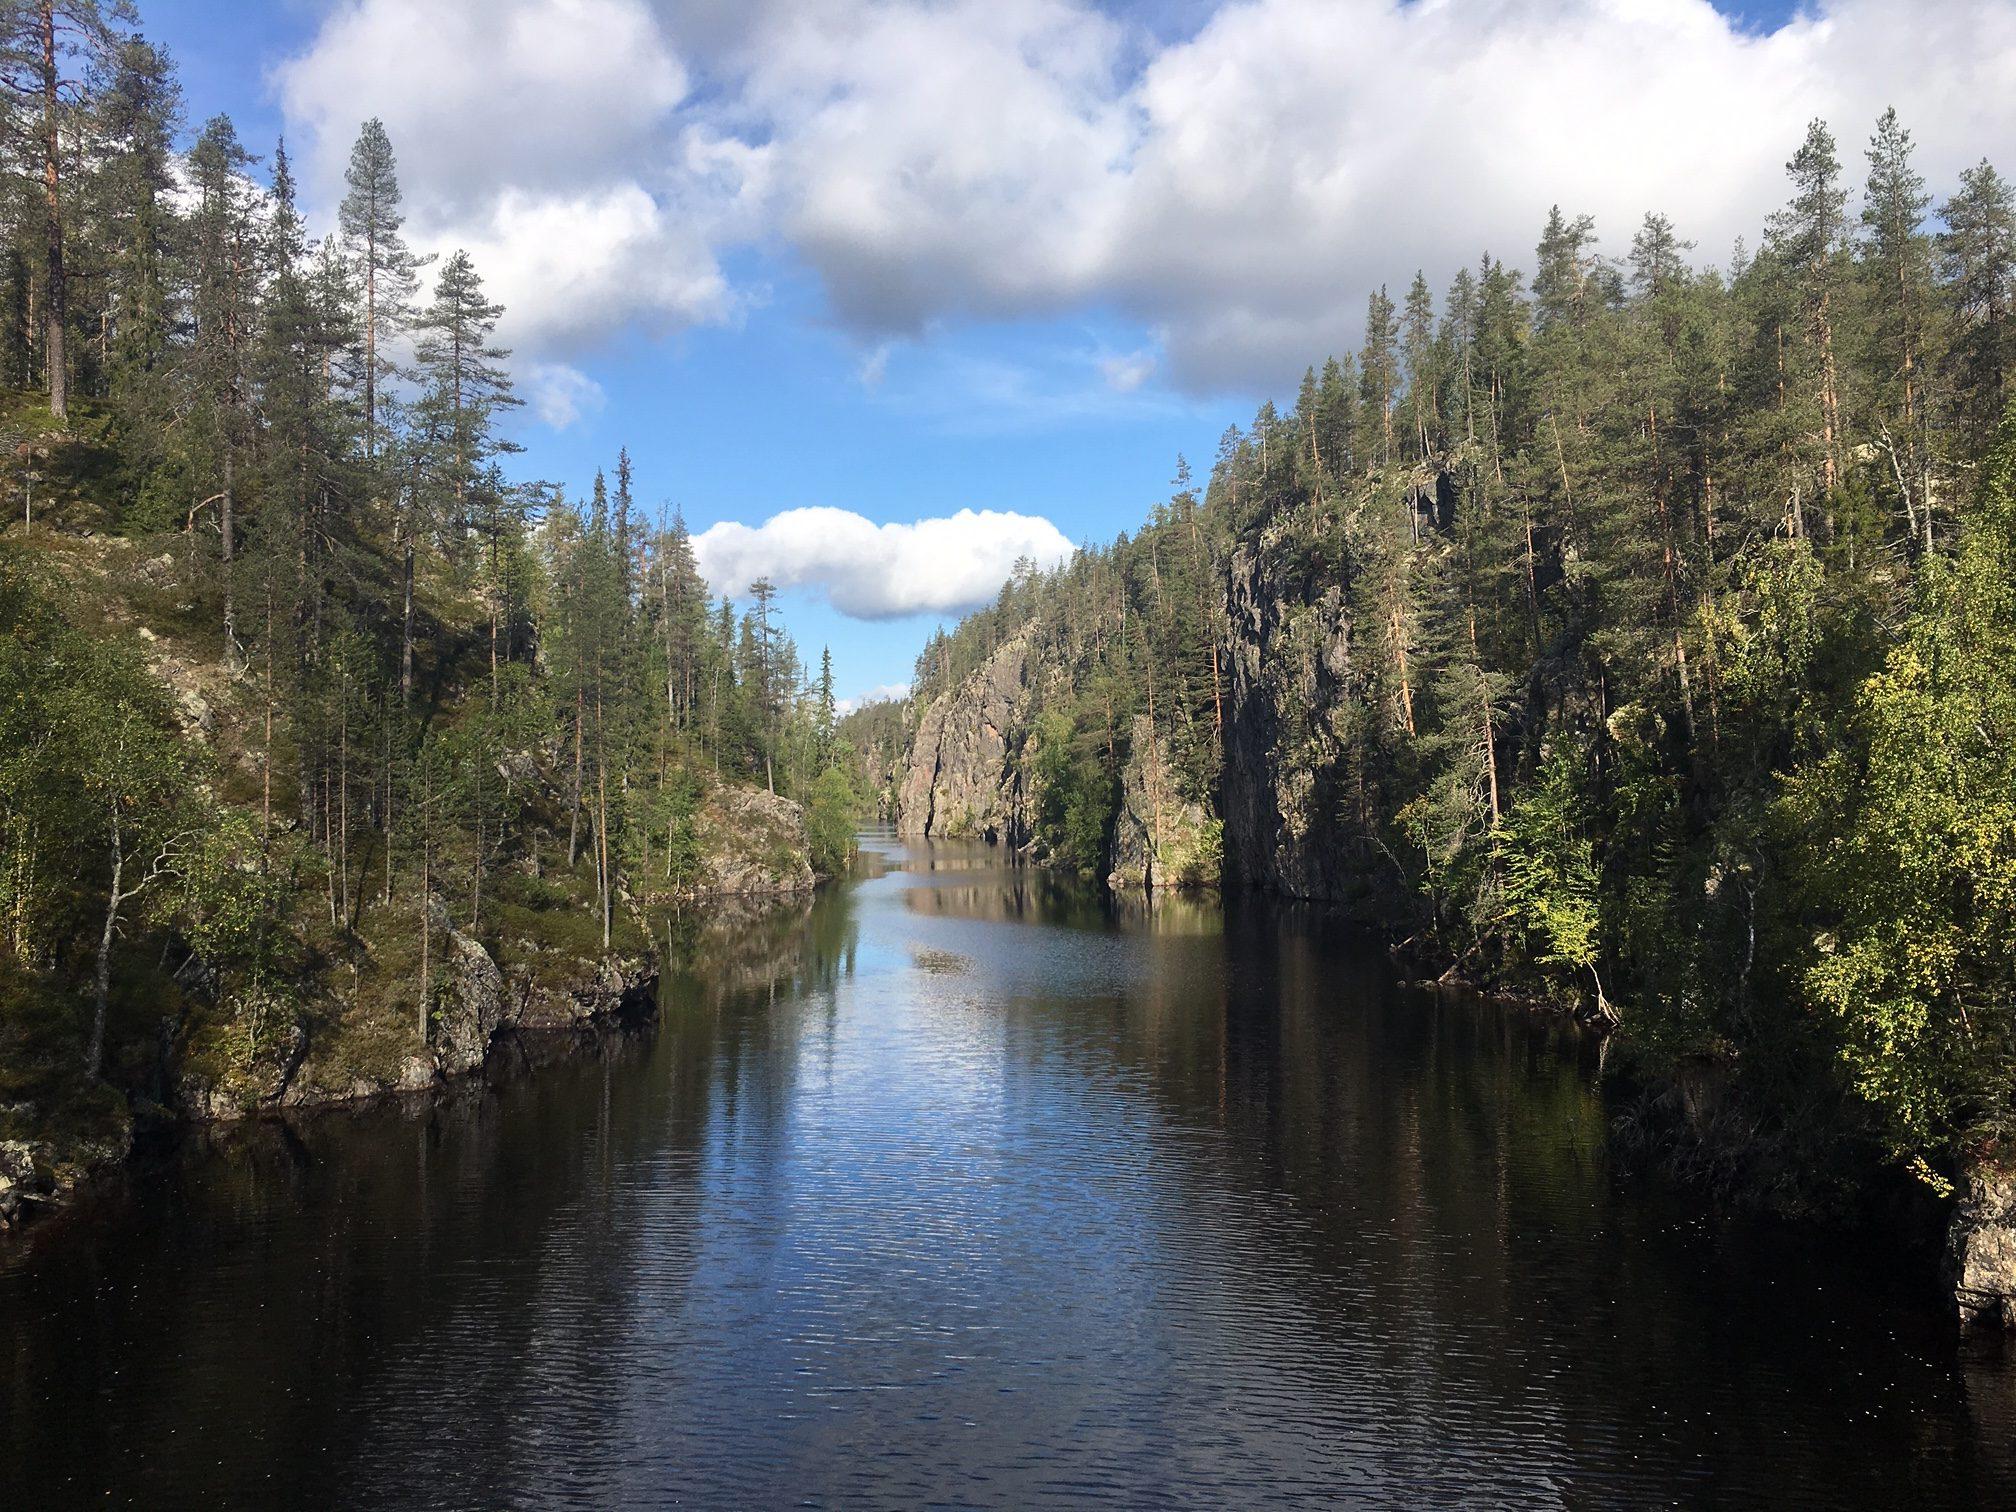 Hossan kansallispuistossa sijaitseva jylhä rotkojärvi Julma-Ölkky oli syksyinen retkikohteeni